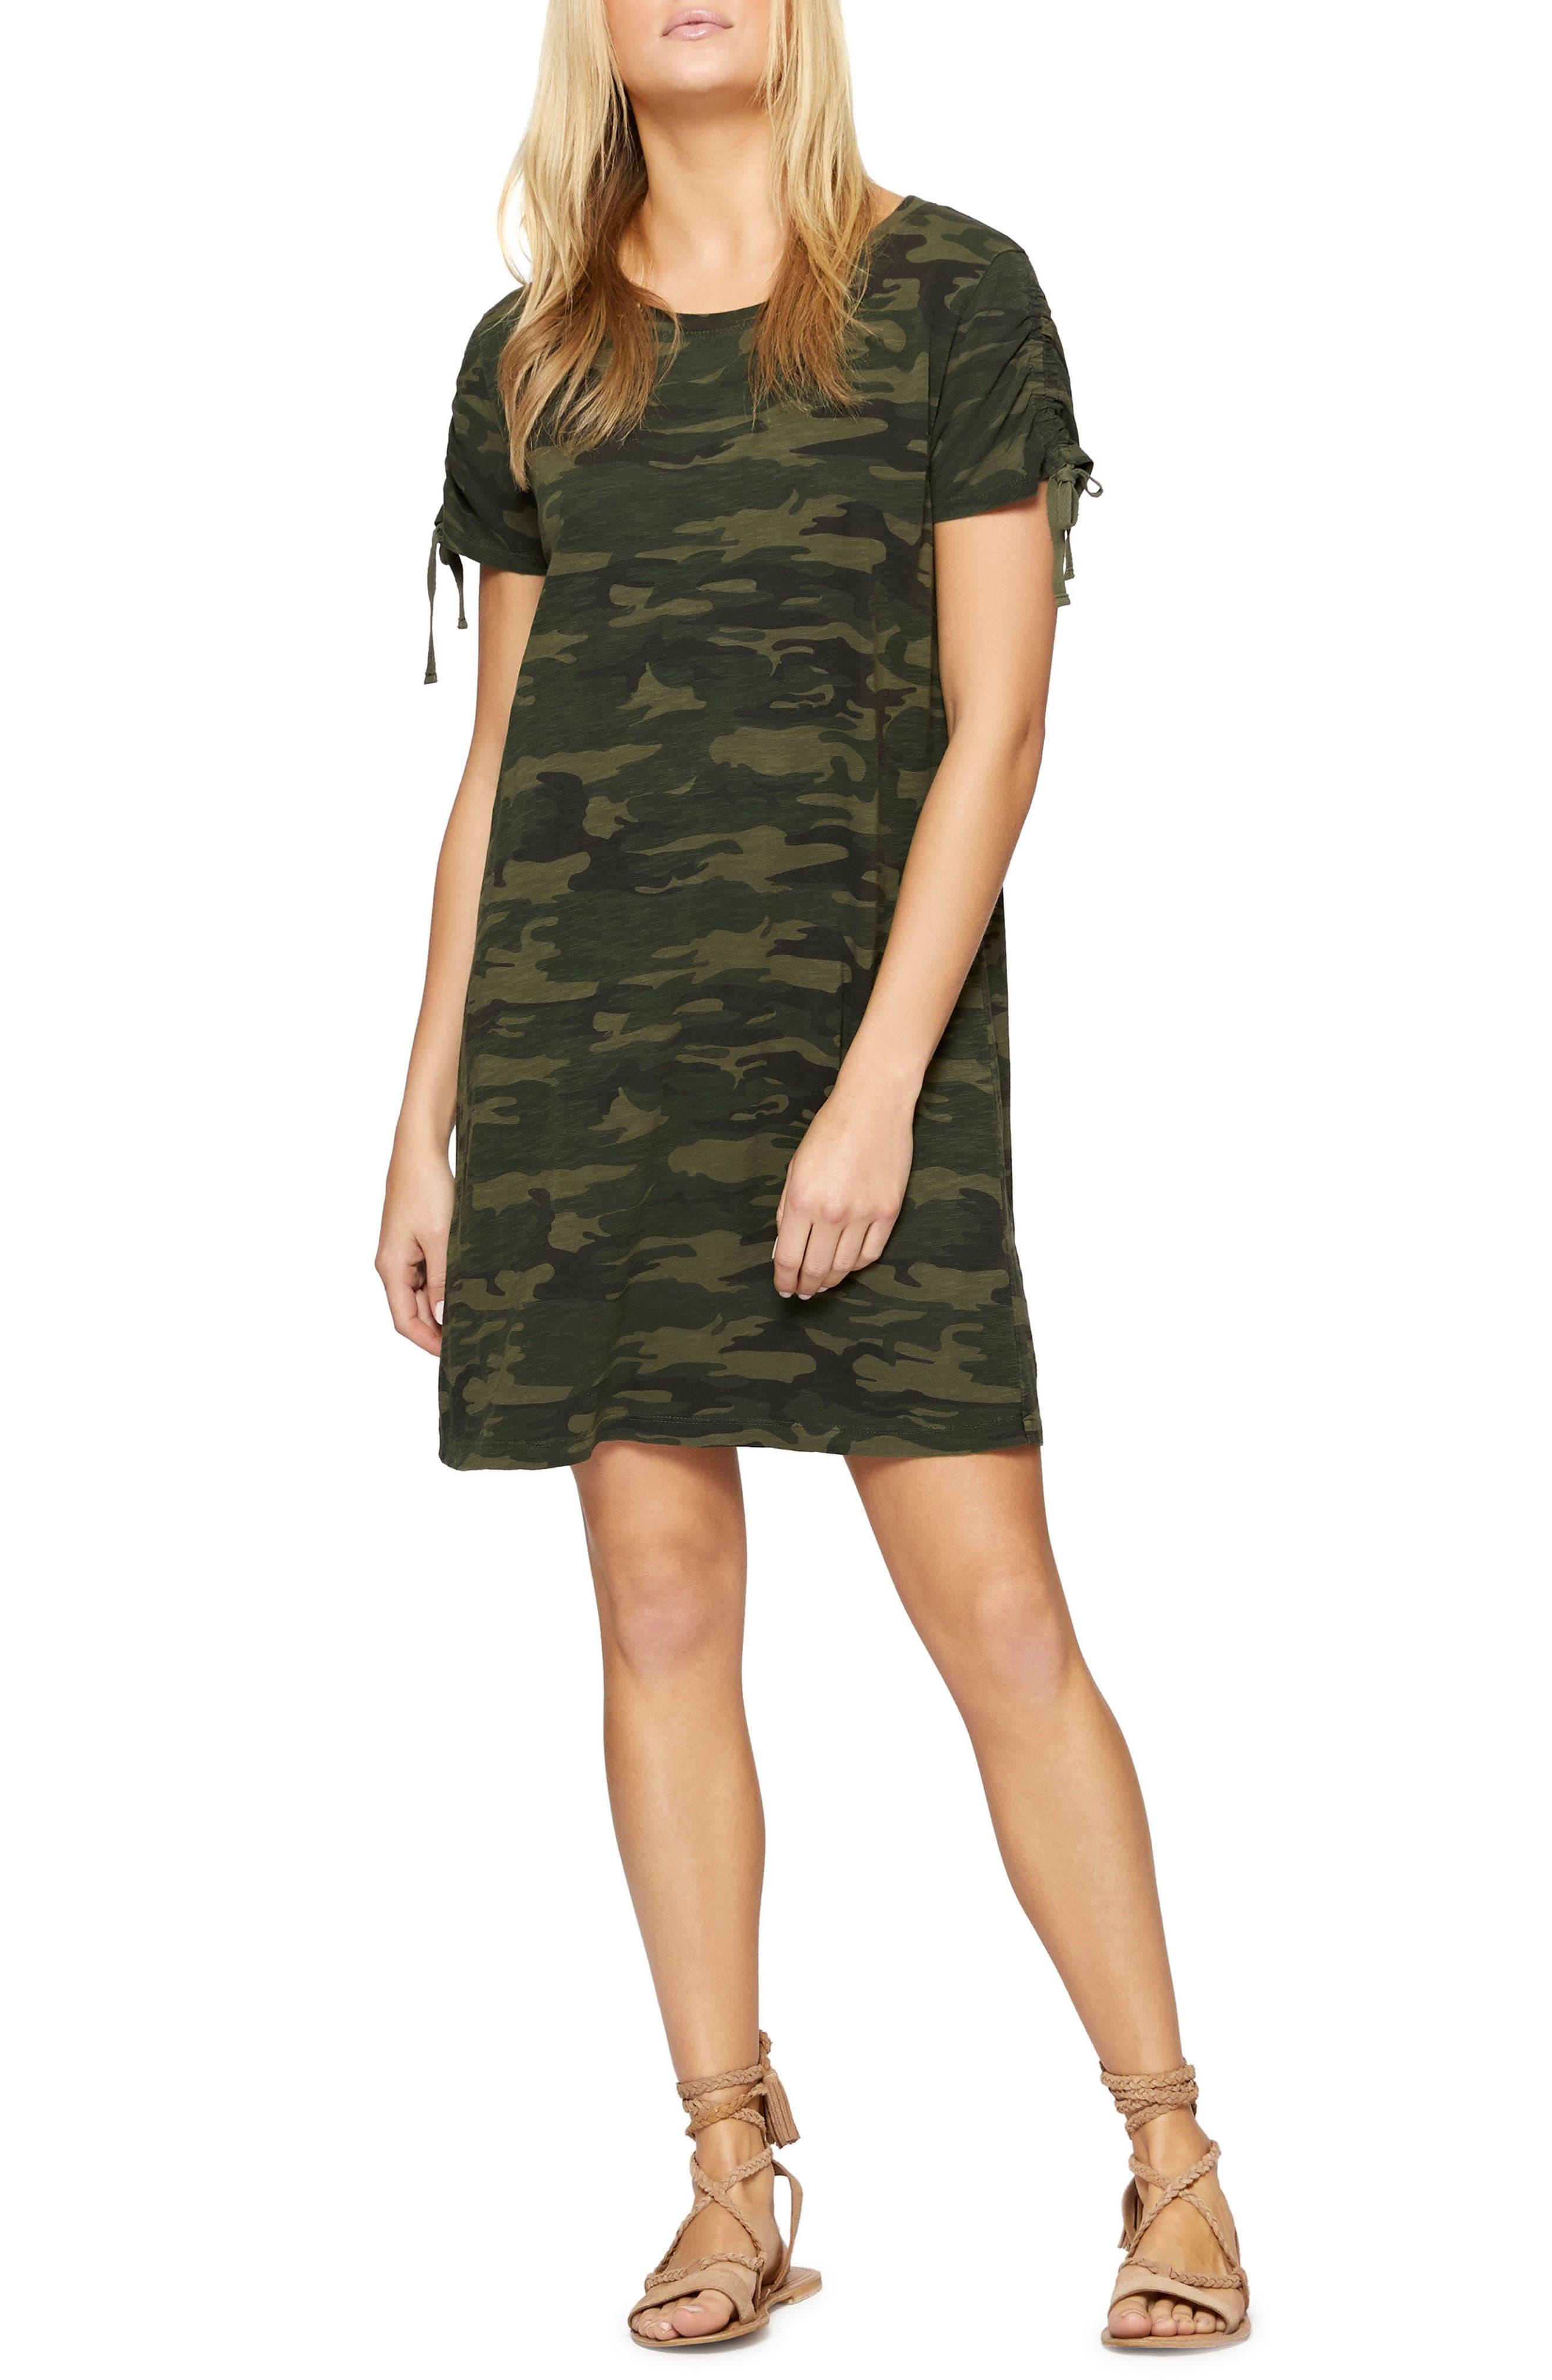 Ojai T-Shirt Dress,                             Main thumbnail 1, color,                             MOTHER NATURE CAMO